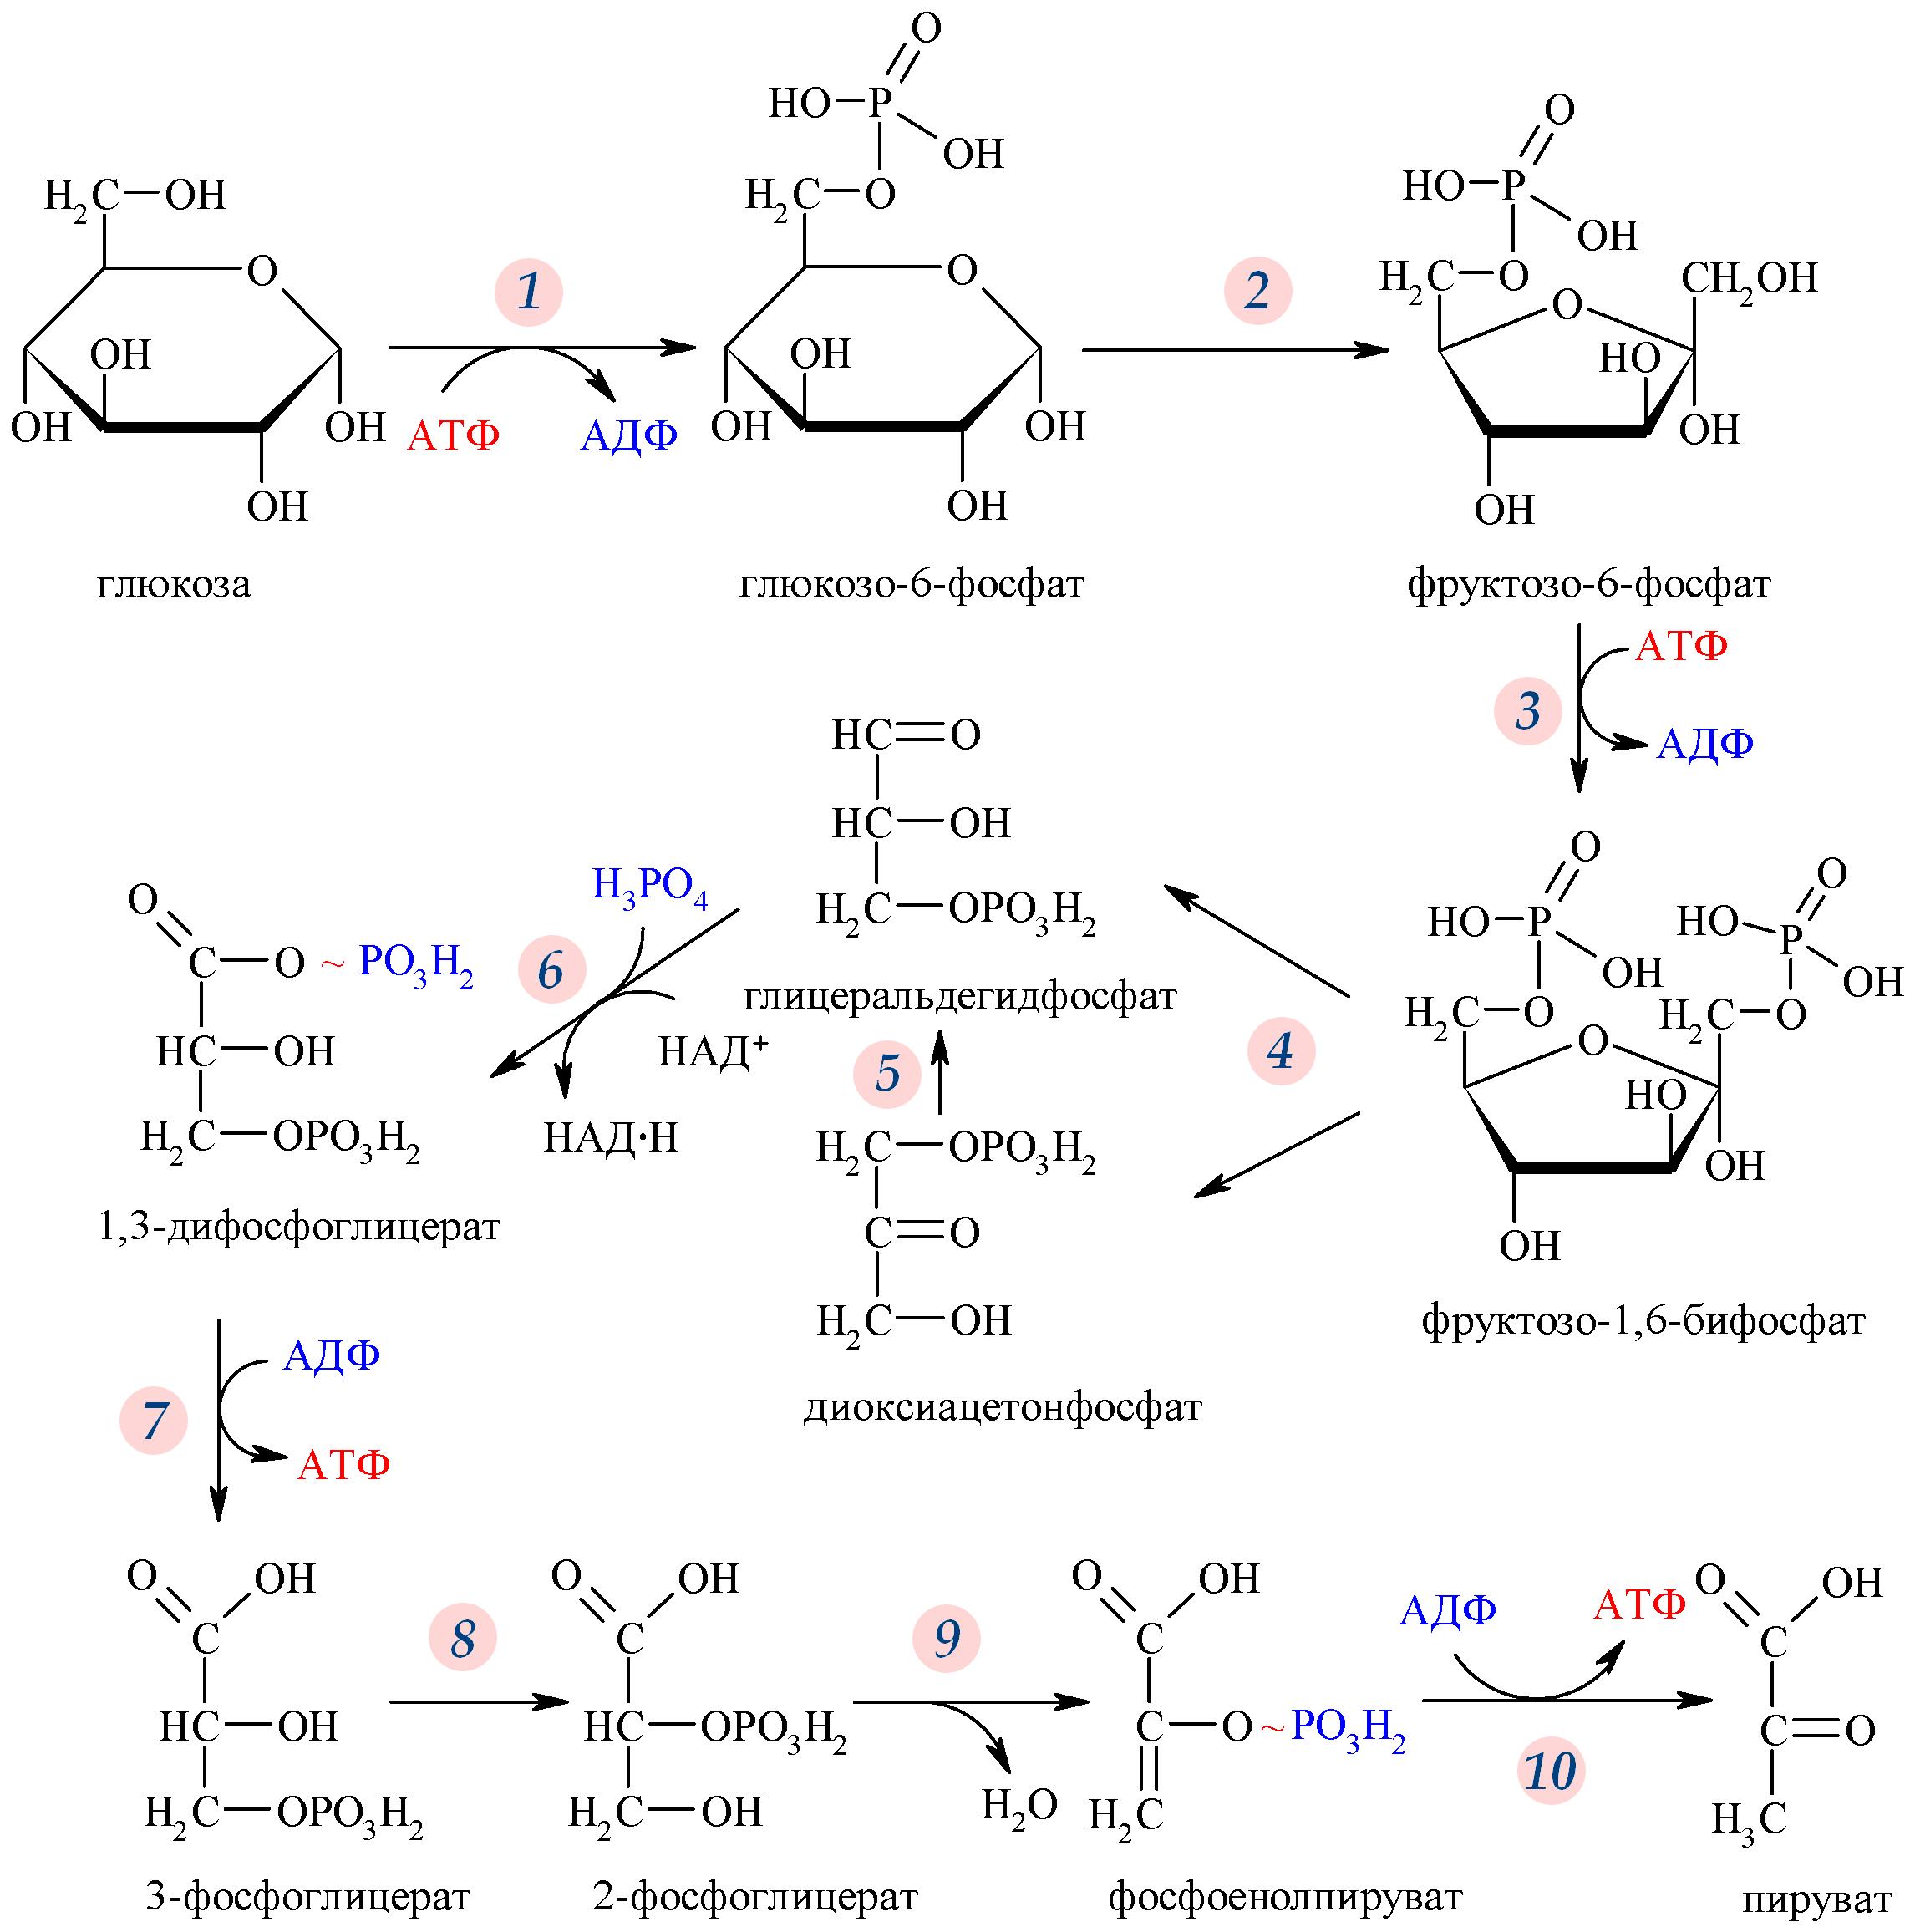 Схема центральных метаболических путей